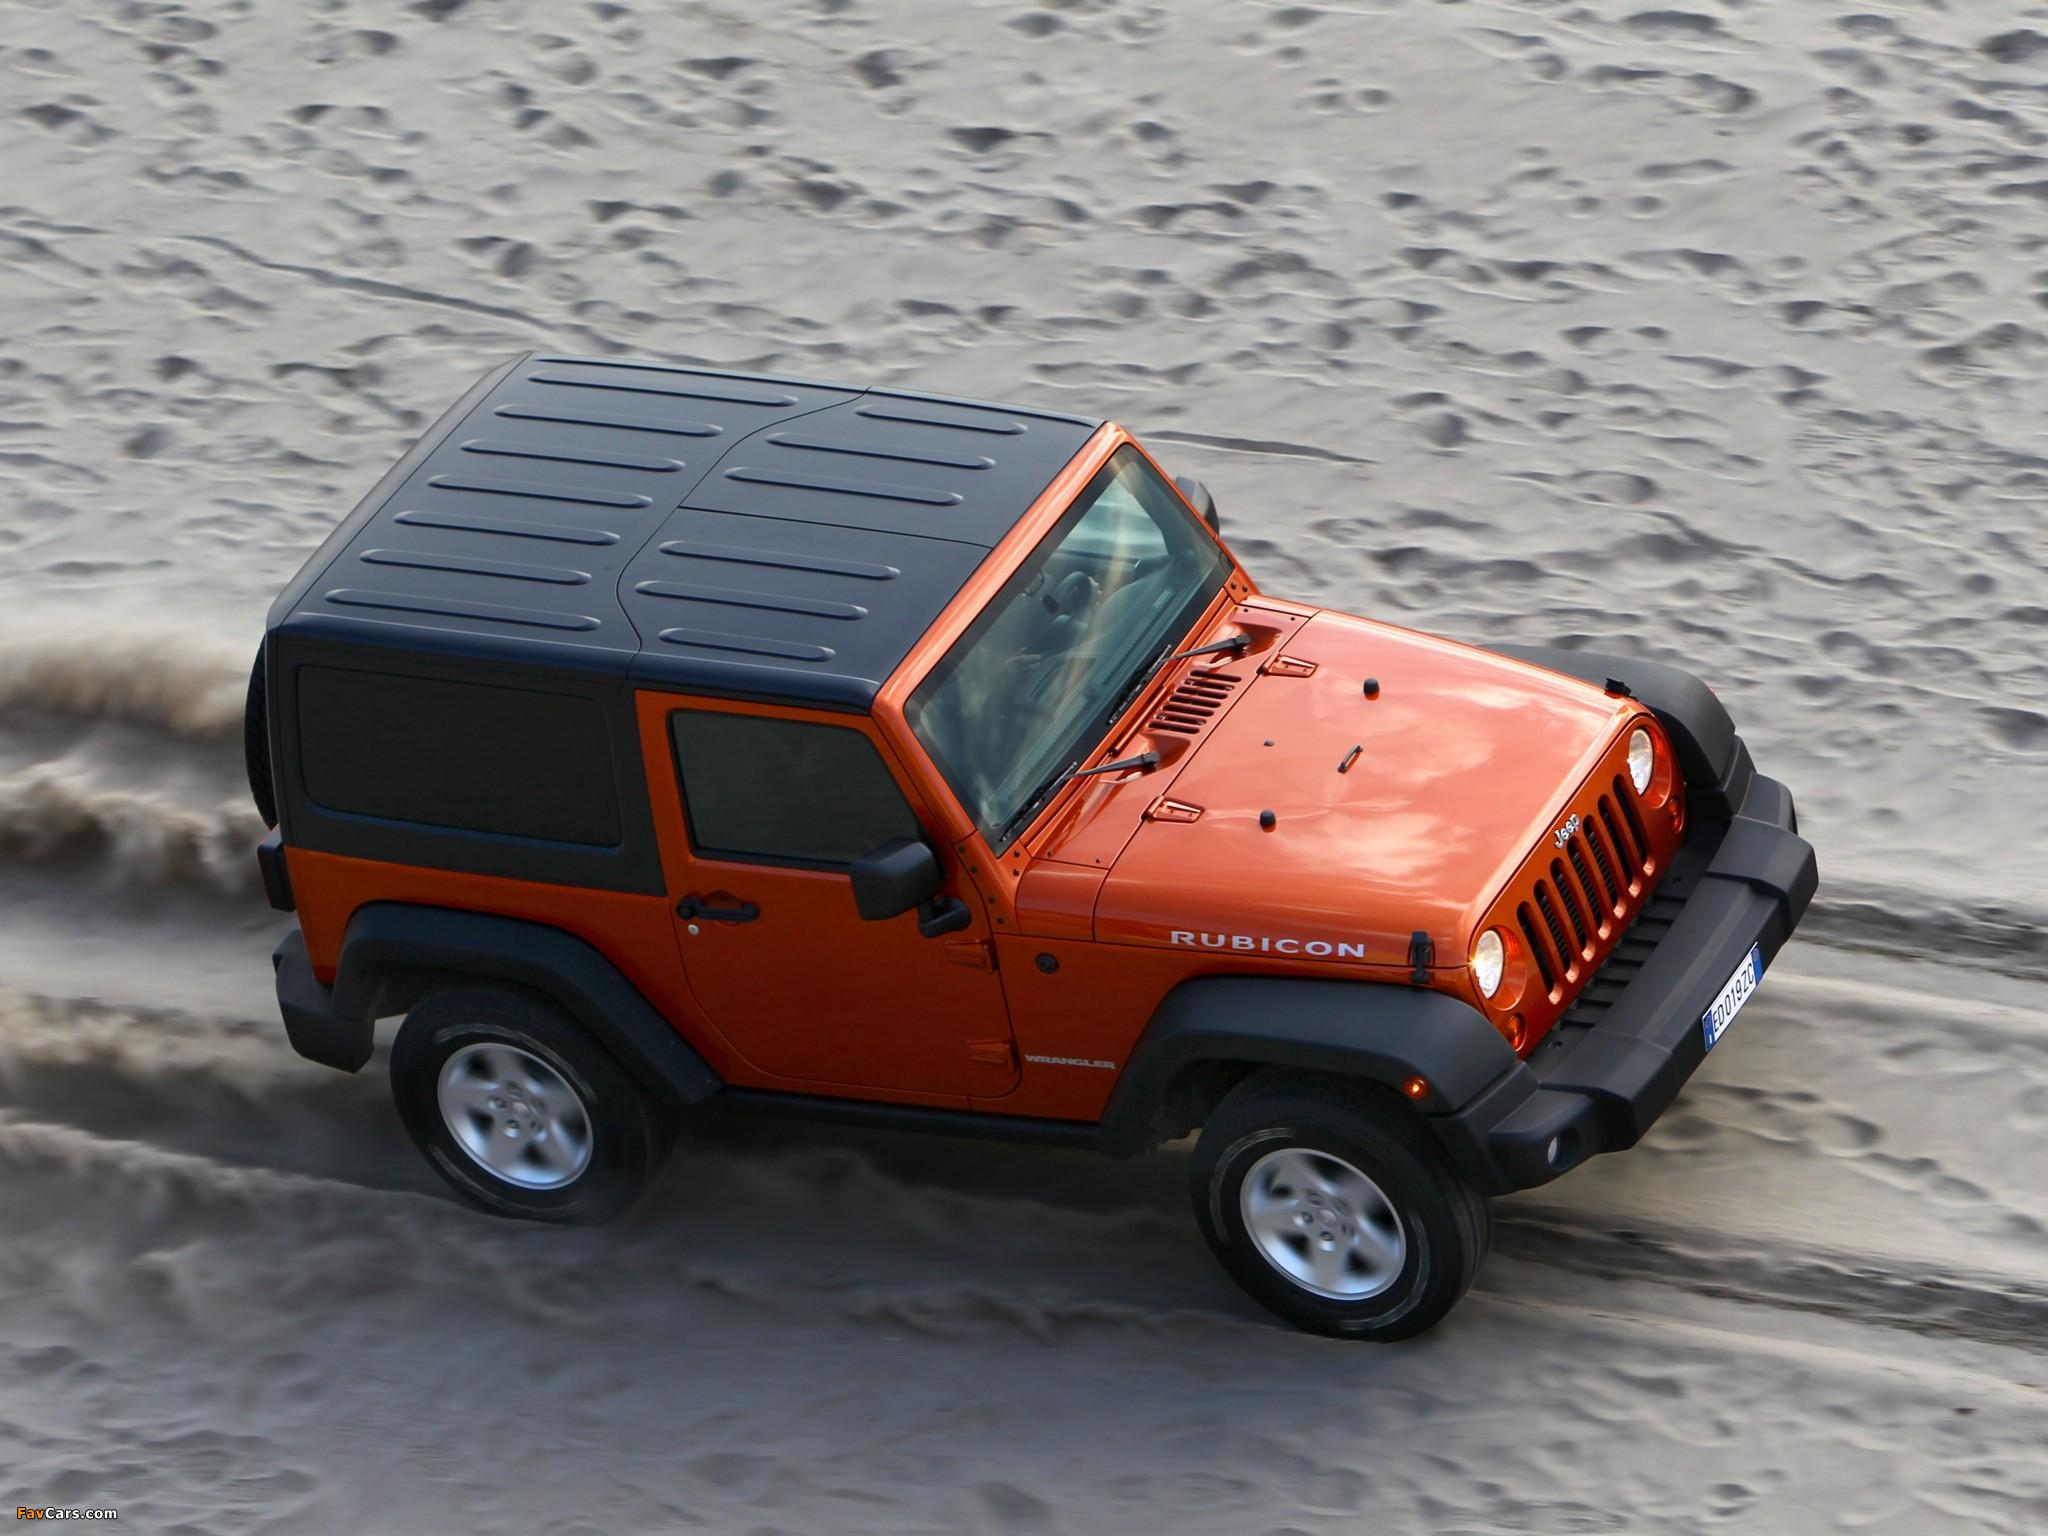 Jeep Wrangler Rubicon EU-spec (JK) 2011 photos (2048 x 1536)